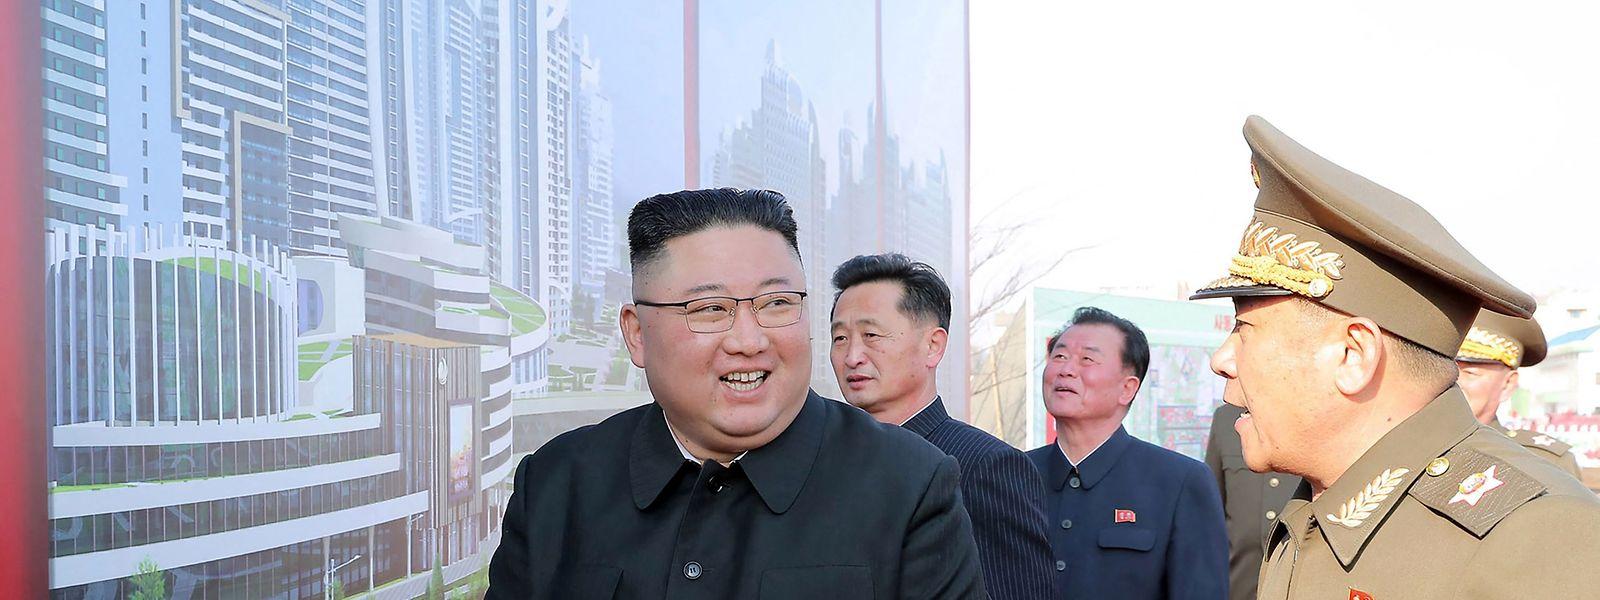 Nordkoreas Machthaber Kim Jong-un bei einer Parteiveranstaltung im März 2021.